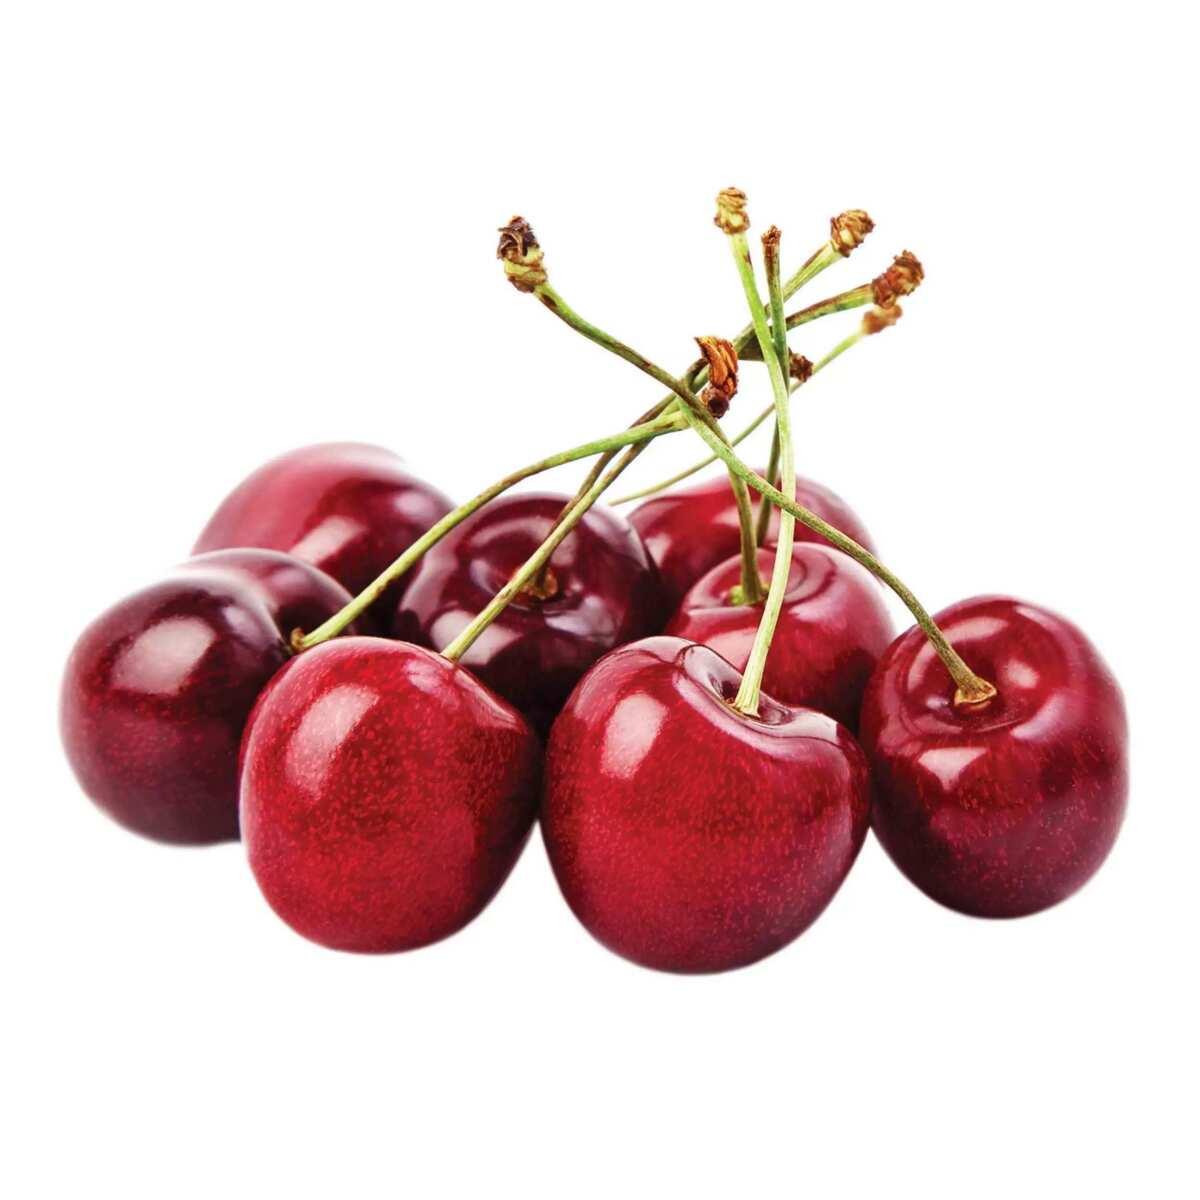 van cherries